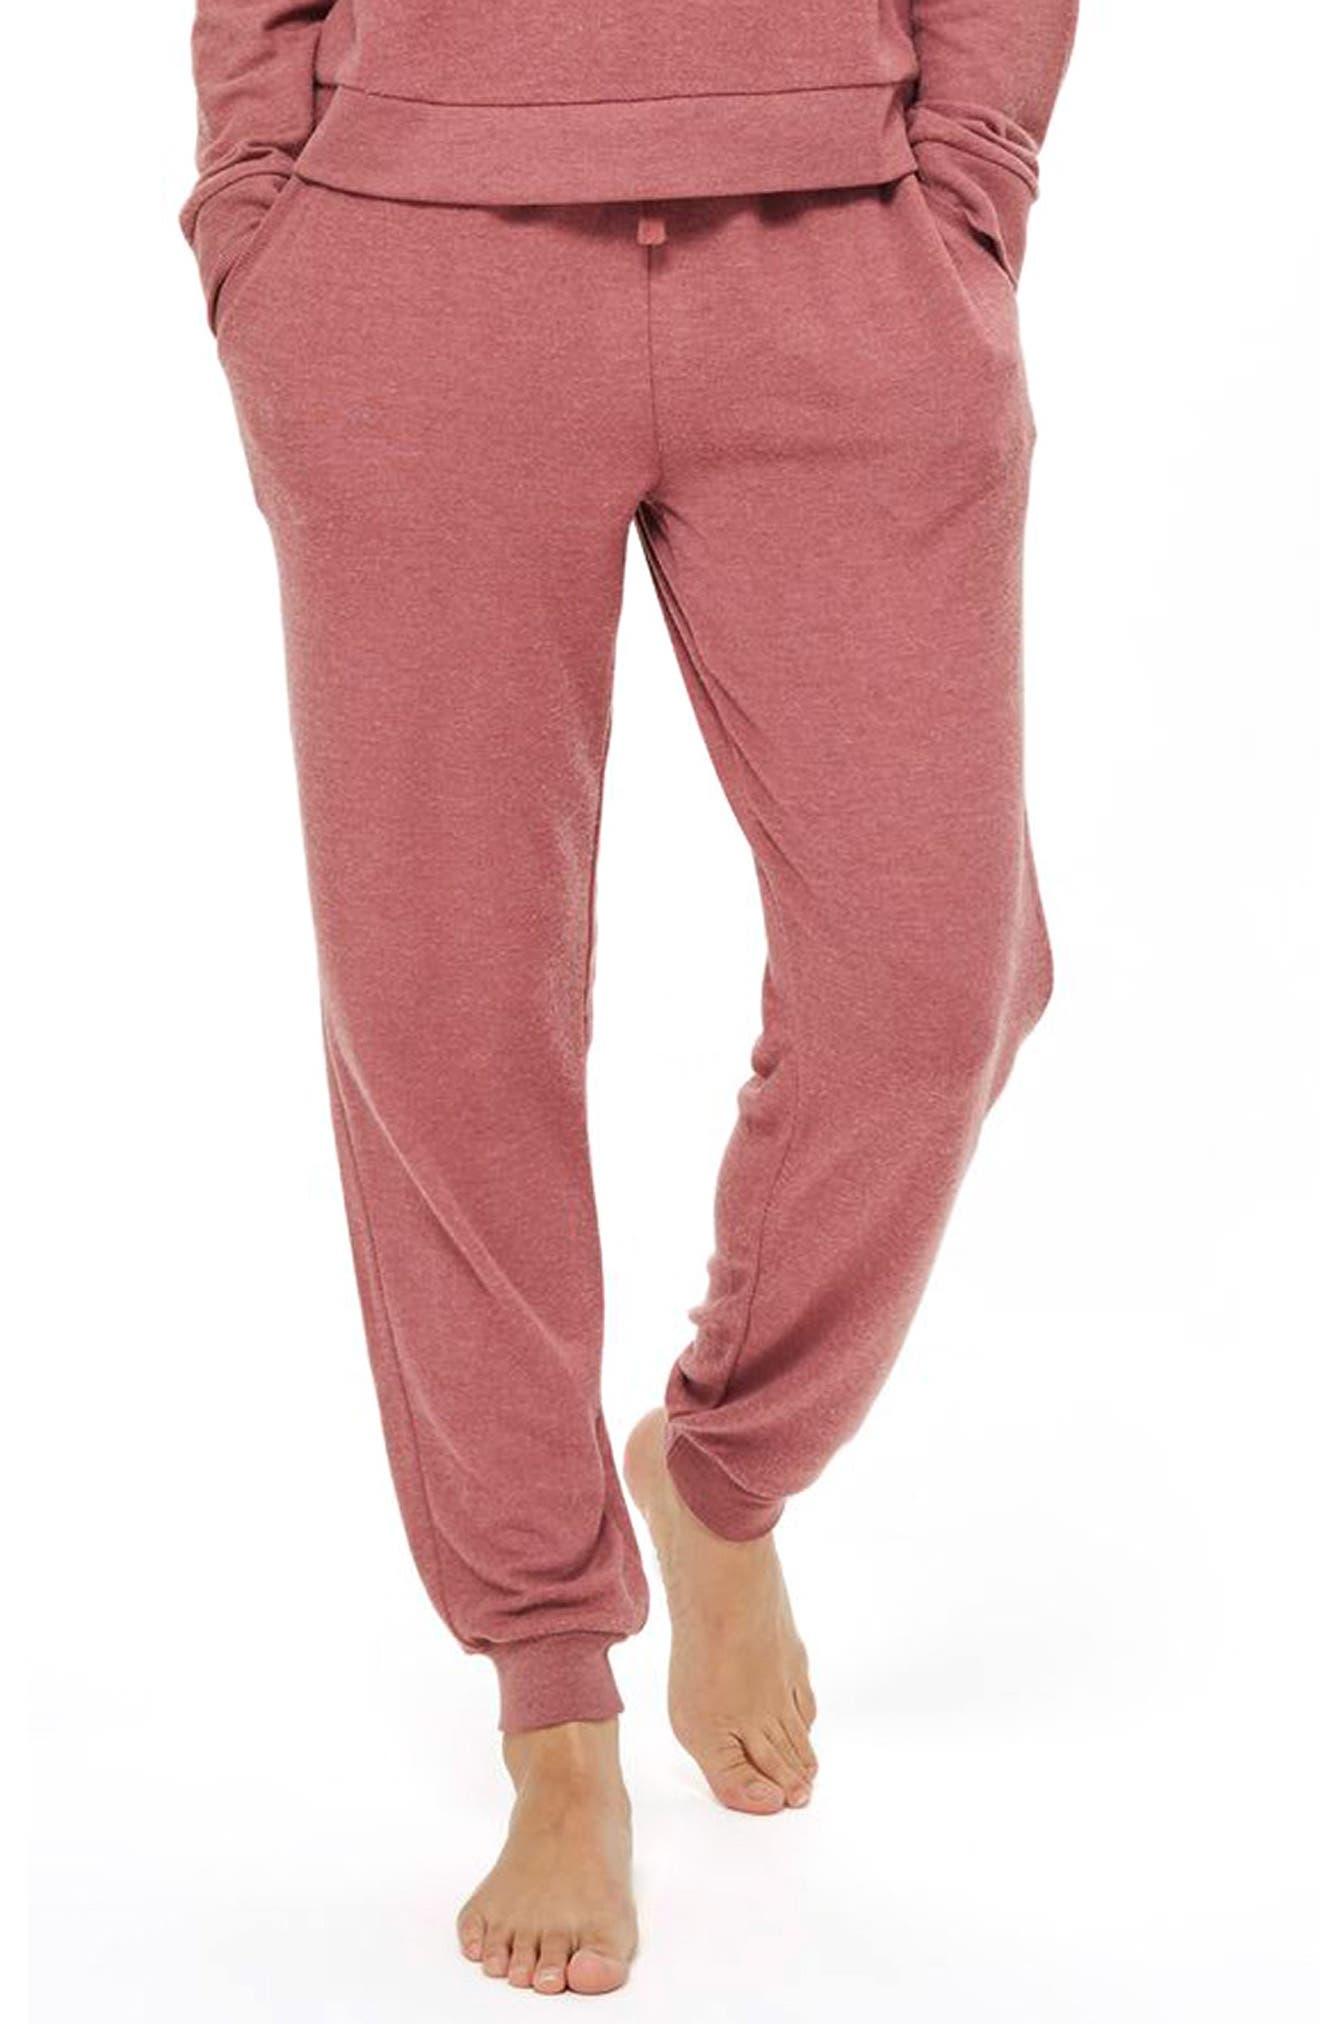 Rose Jogger Pajama Pants,                             Main thumbnail 1, color,                             Pink